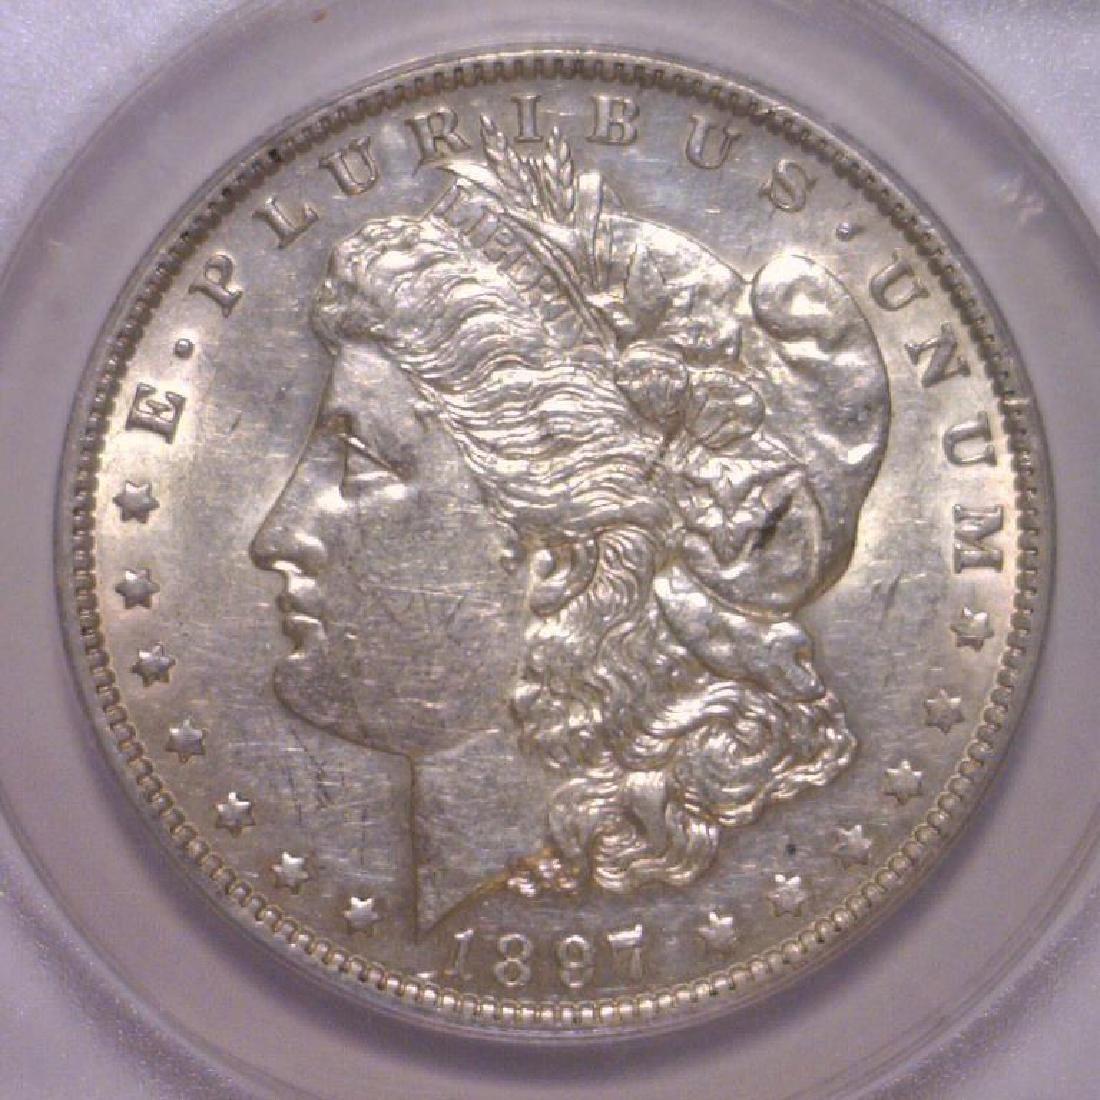 1897-O Morgan Silver Dollar ANACS AU53 Details